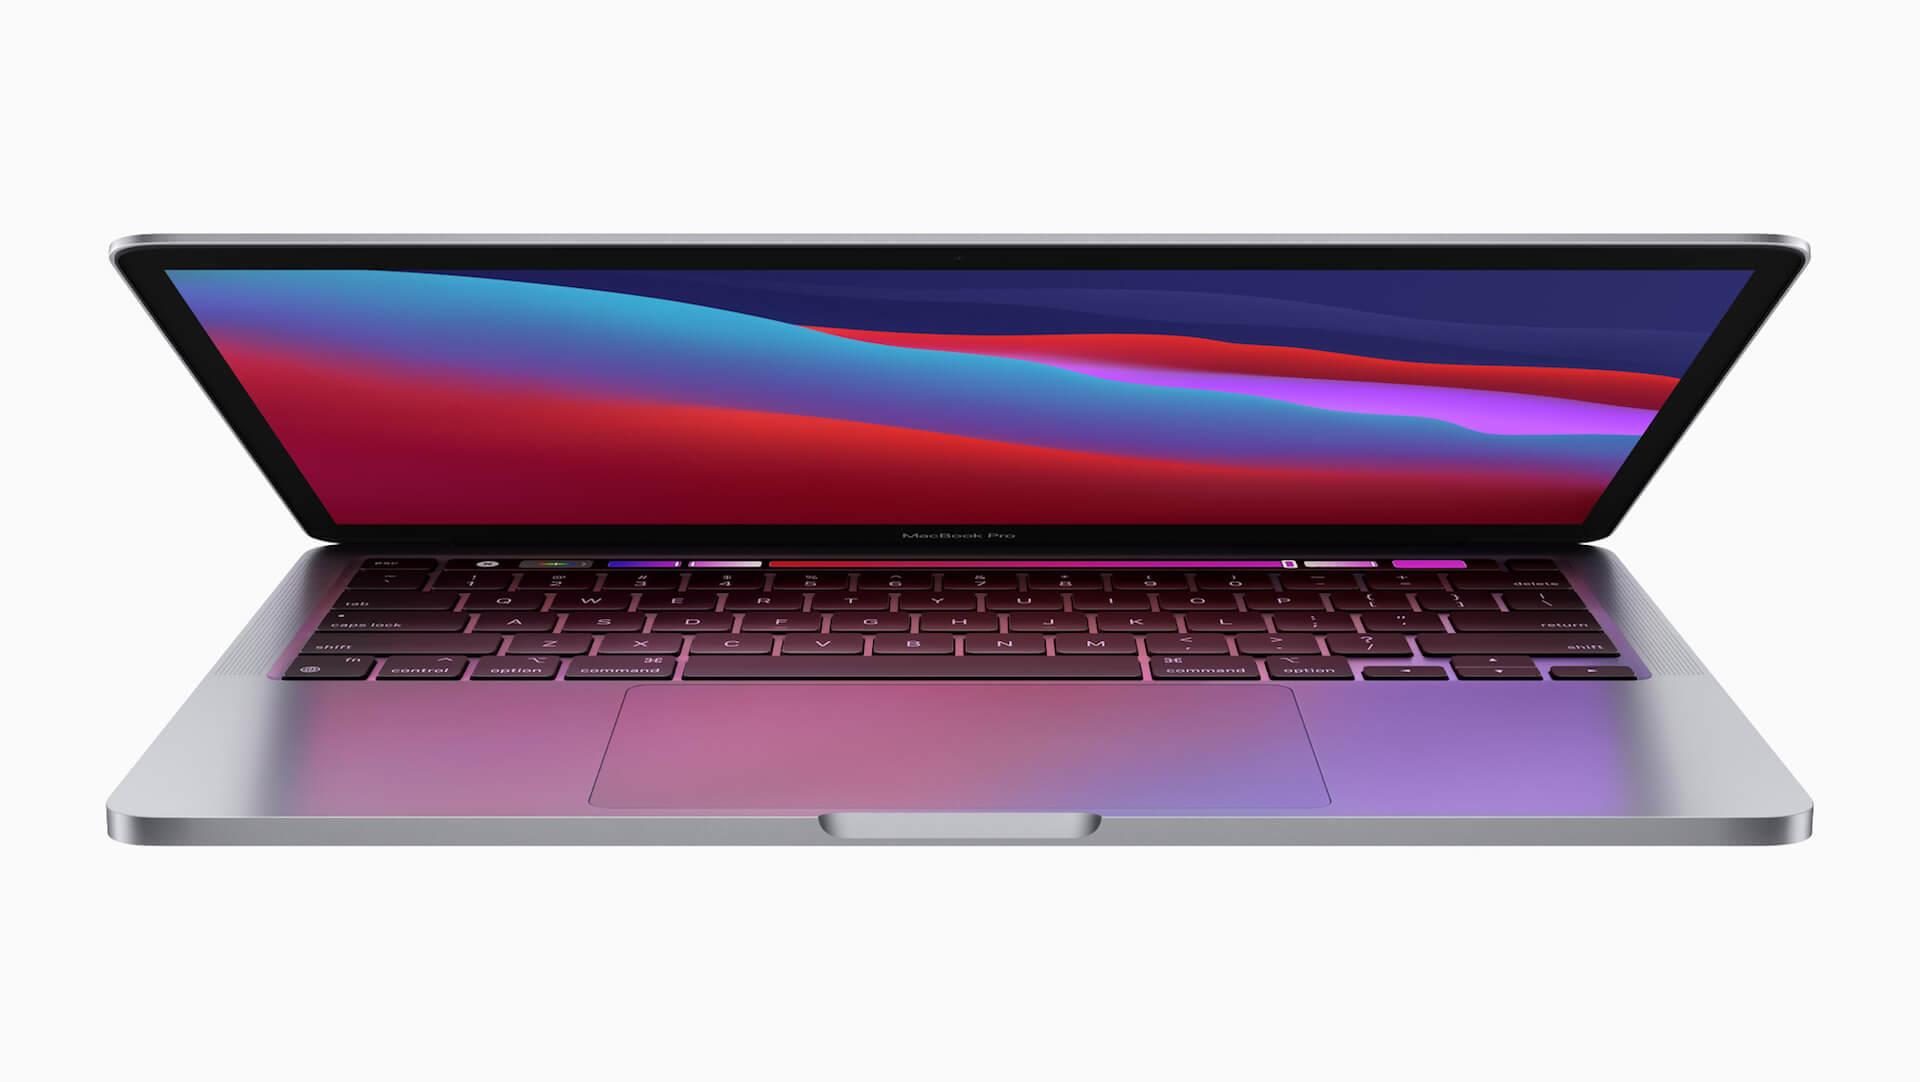 今年第3四半期登場の新型MacBook ProにMagSafeが復活!?ポートも追加&Touch Barも廃止か tech210115_macbookpro_1